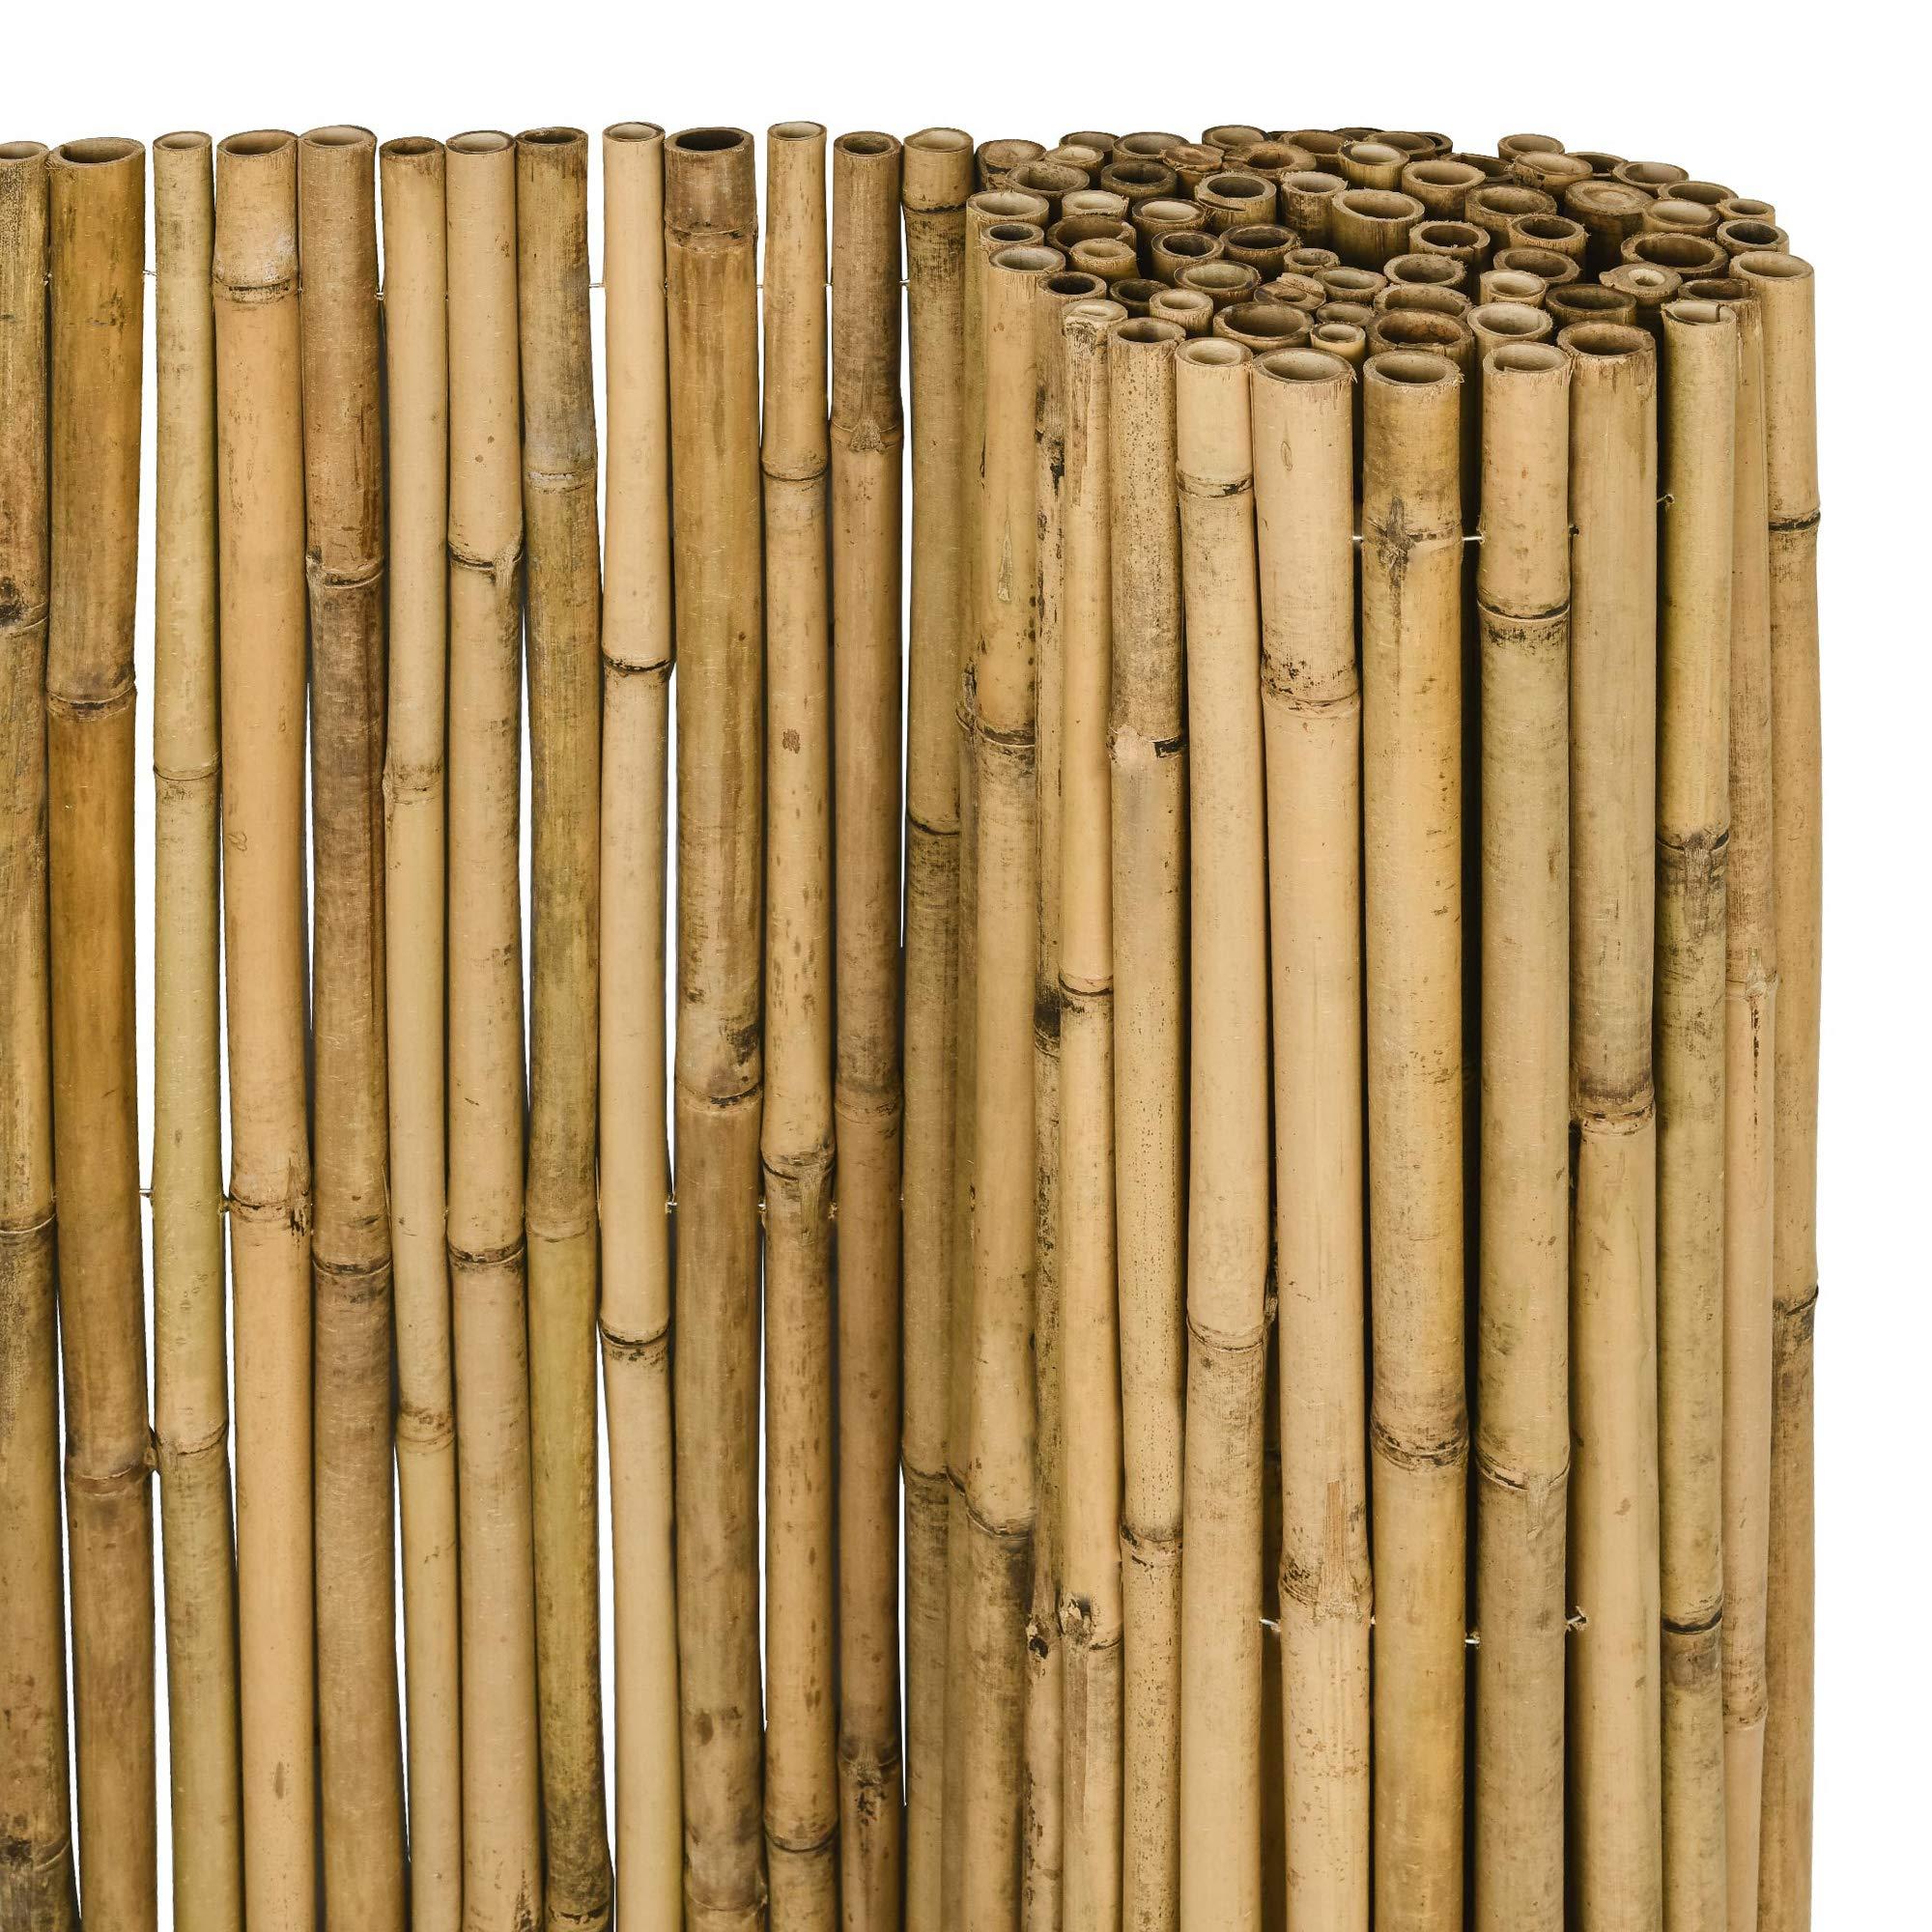 Hxb Sol Royal Sichtschutz Bambus Zaun Massiv 90x250cm